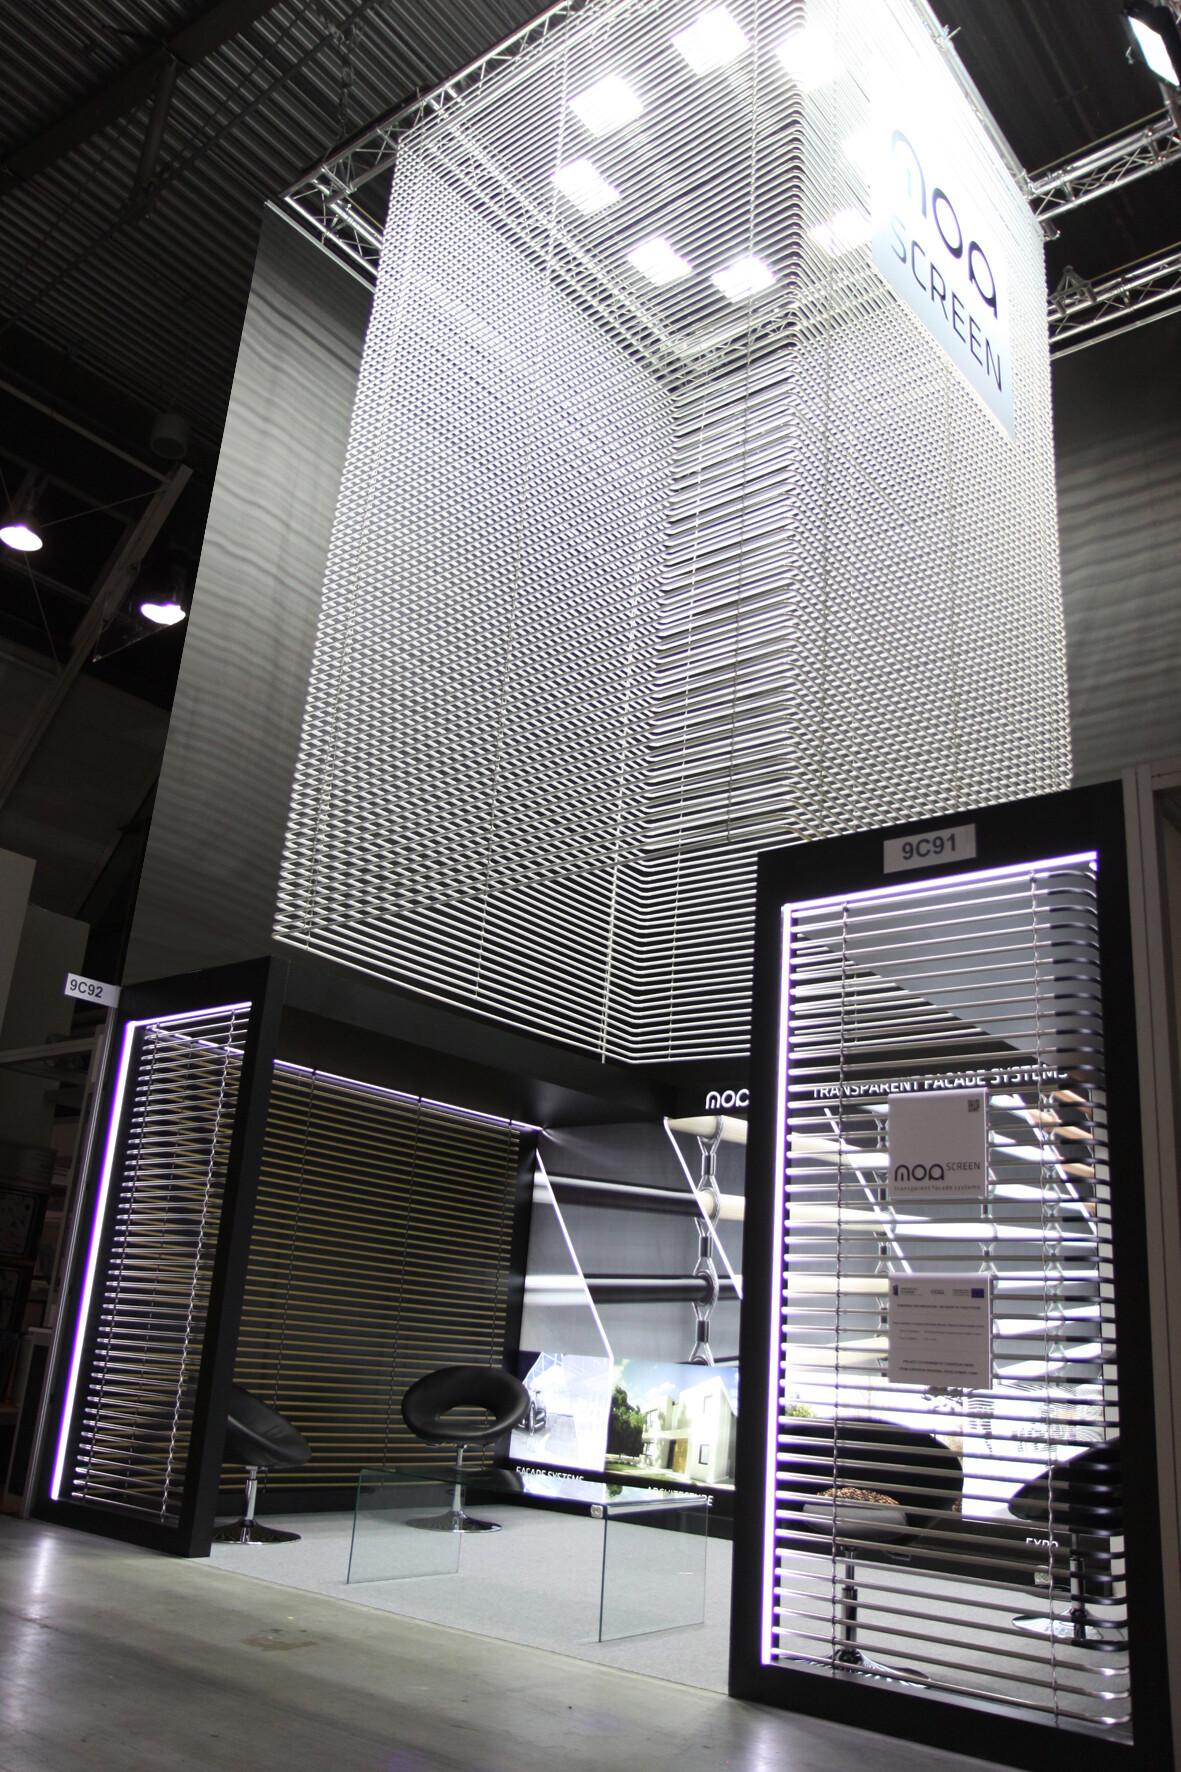 Exhibition Stand Architecture : Moa screen exhibition stand moa archello